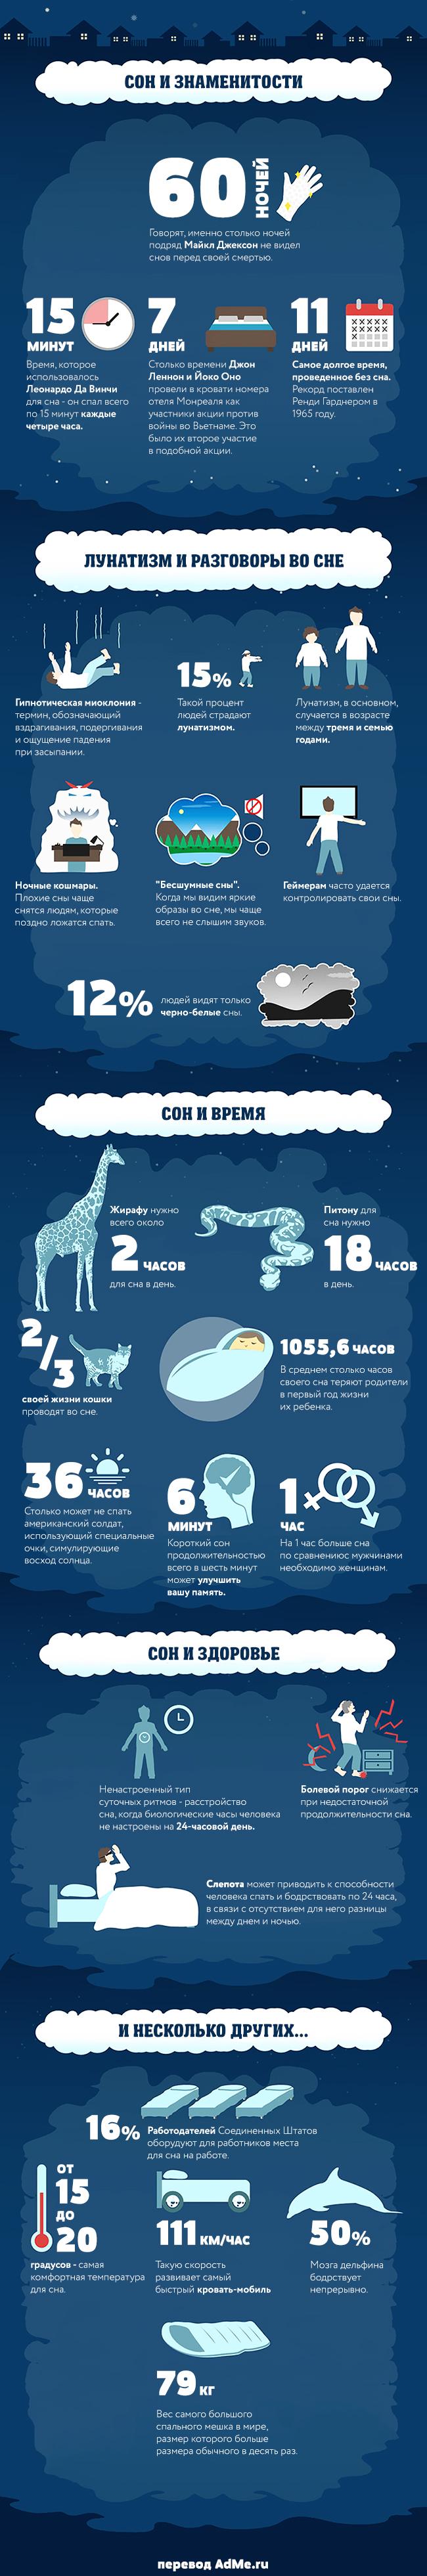 Интересные факты о сне (инофграфика)